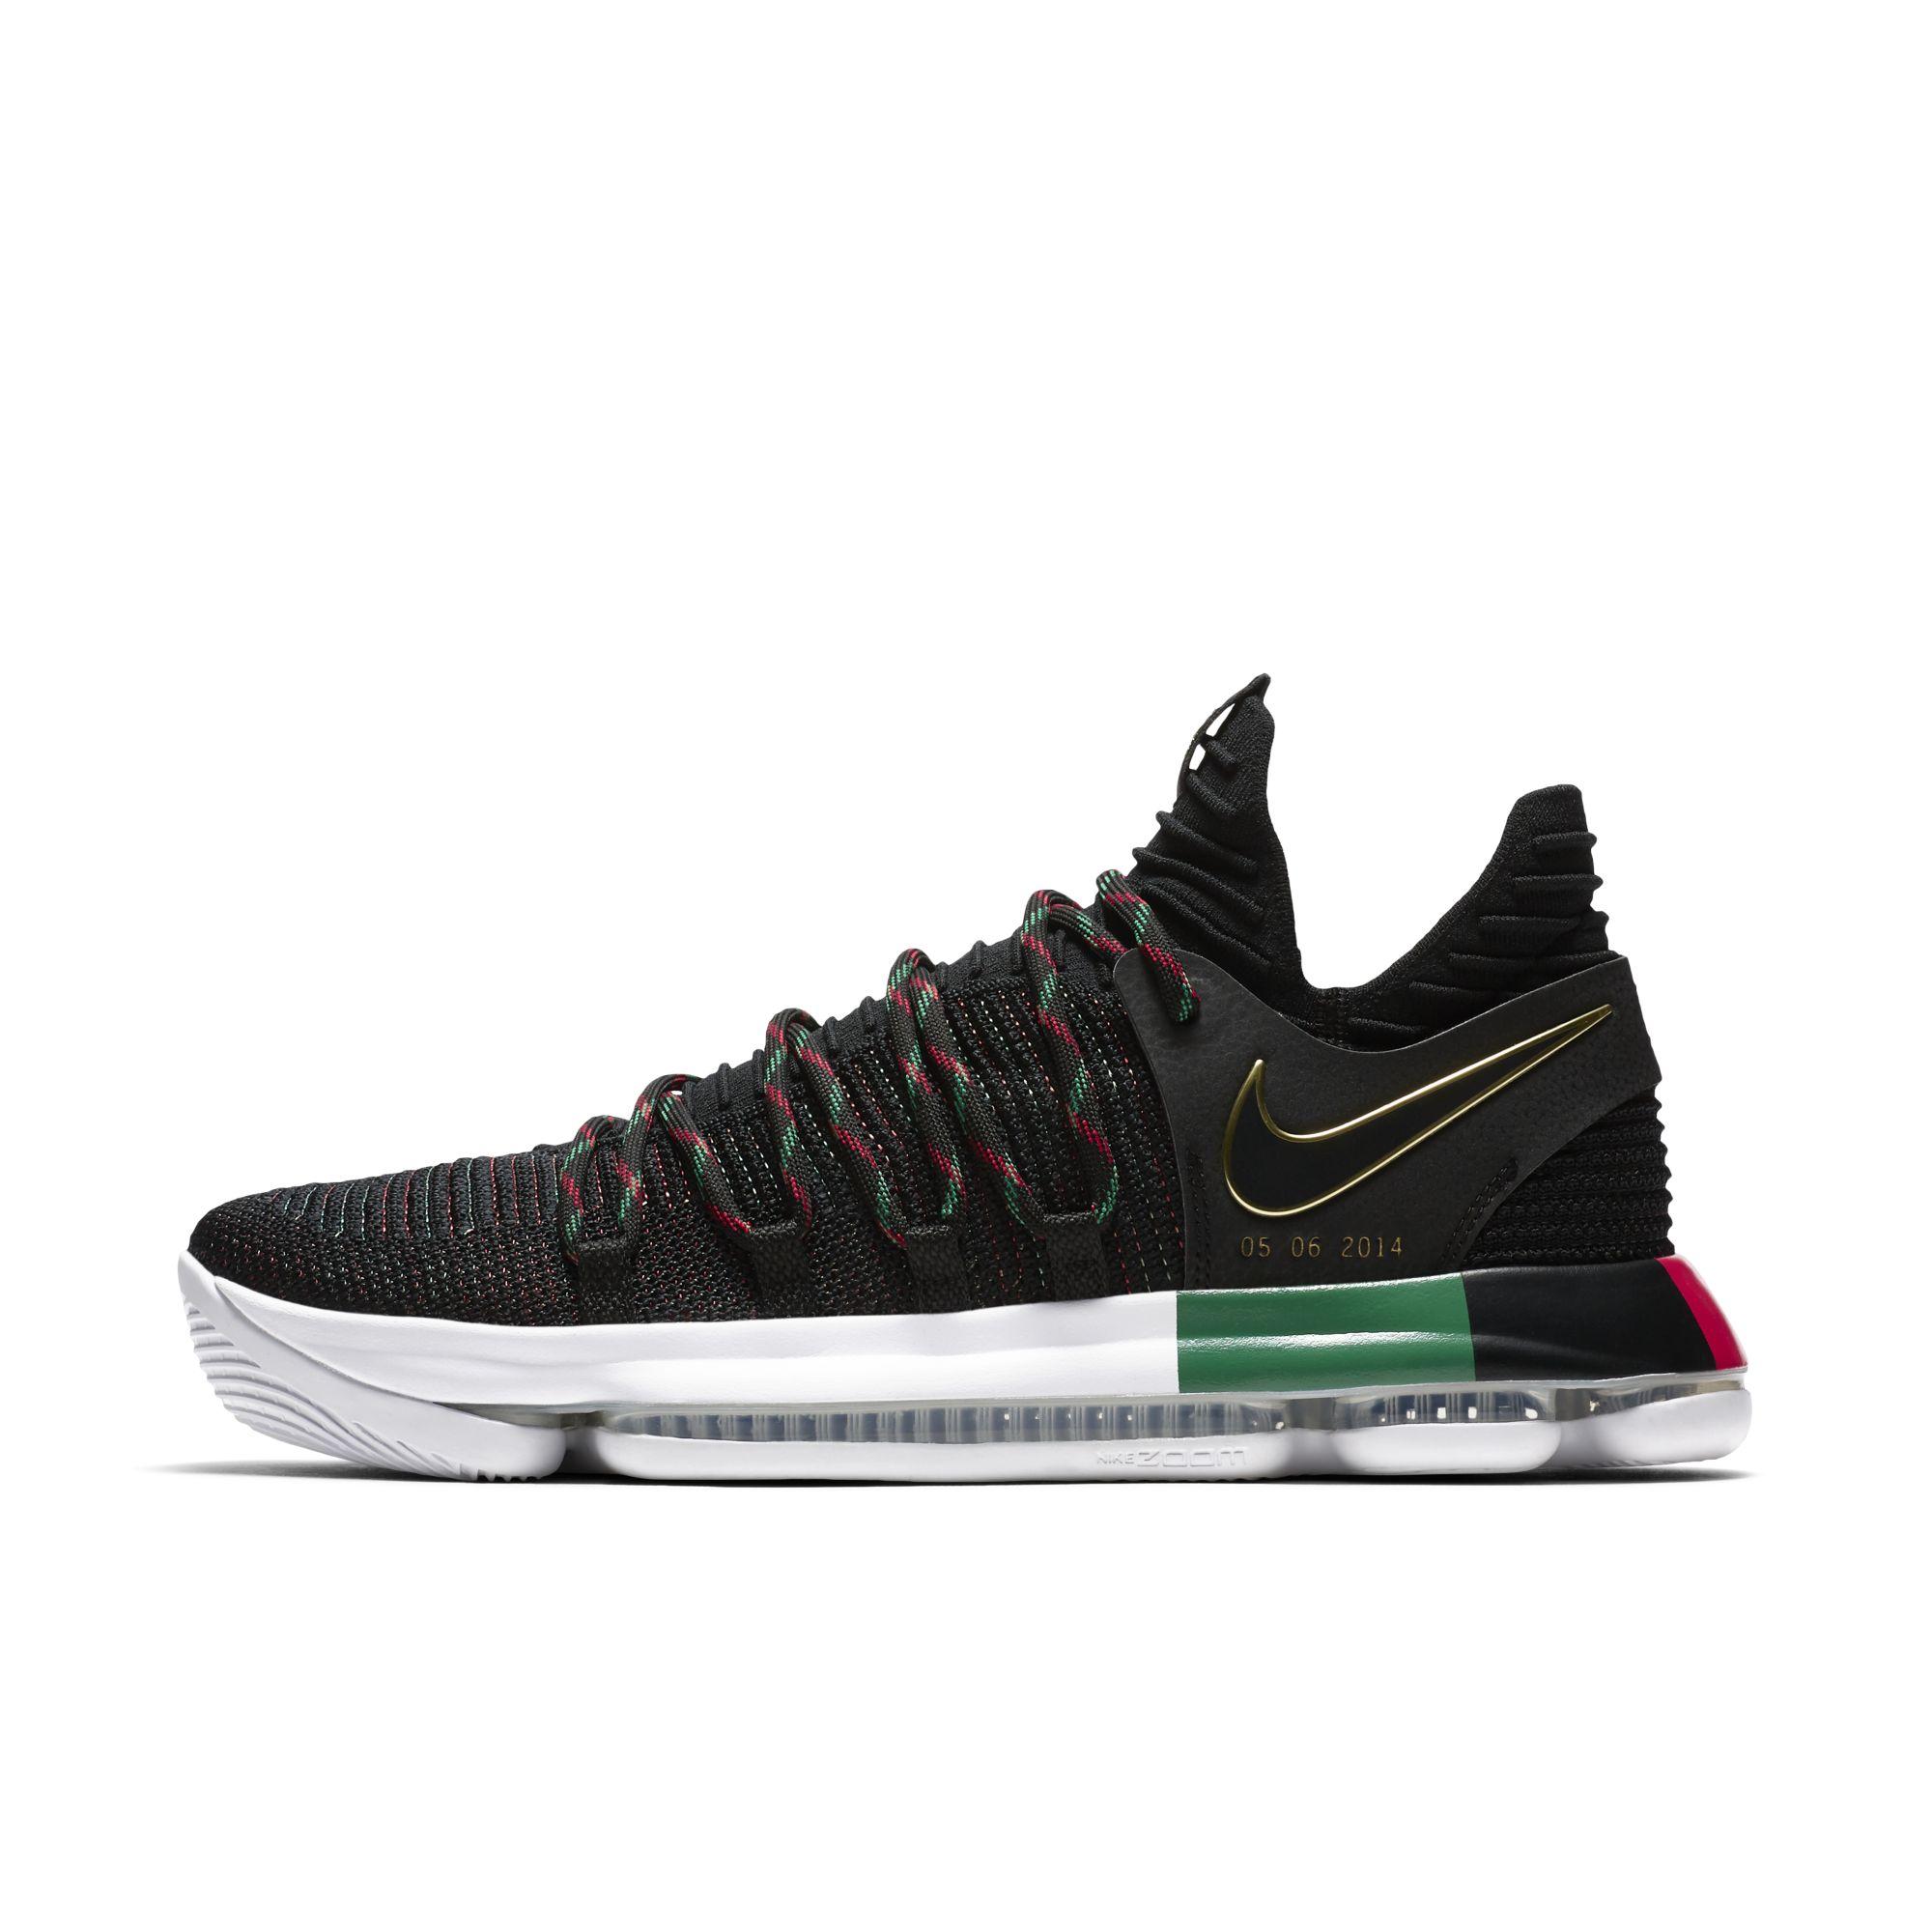 purchase cheap 547d4 a8ced Nike-kd-10-bhm-3